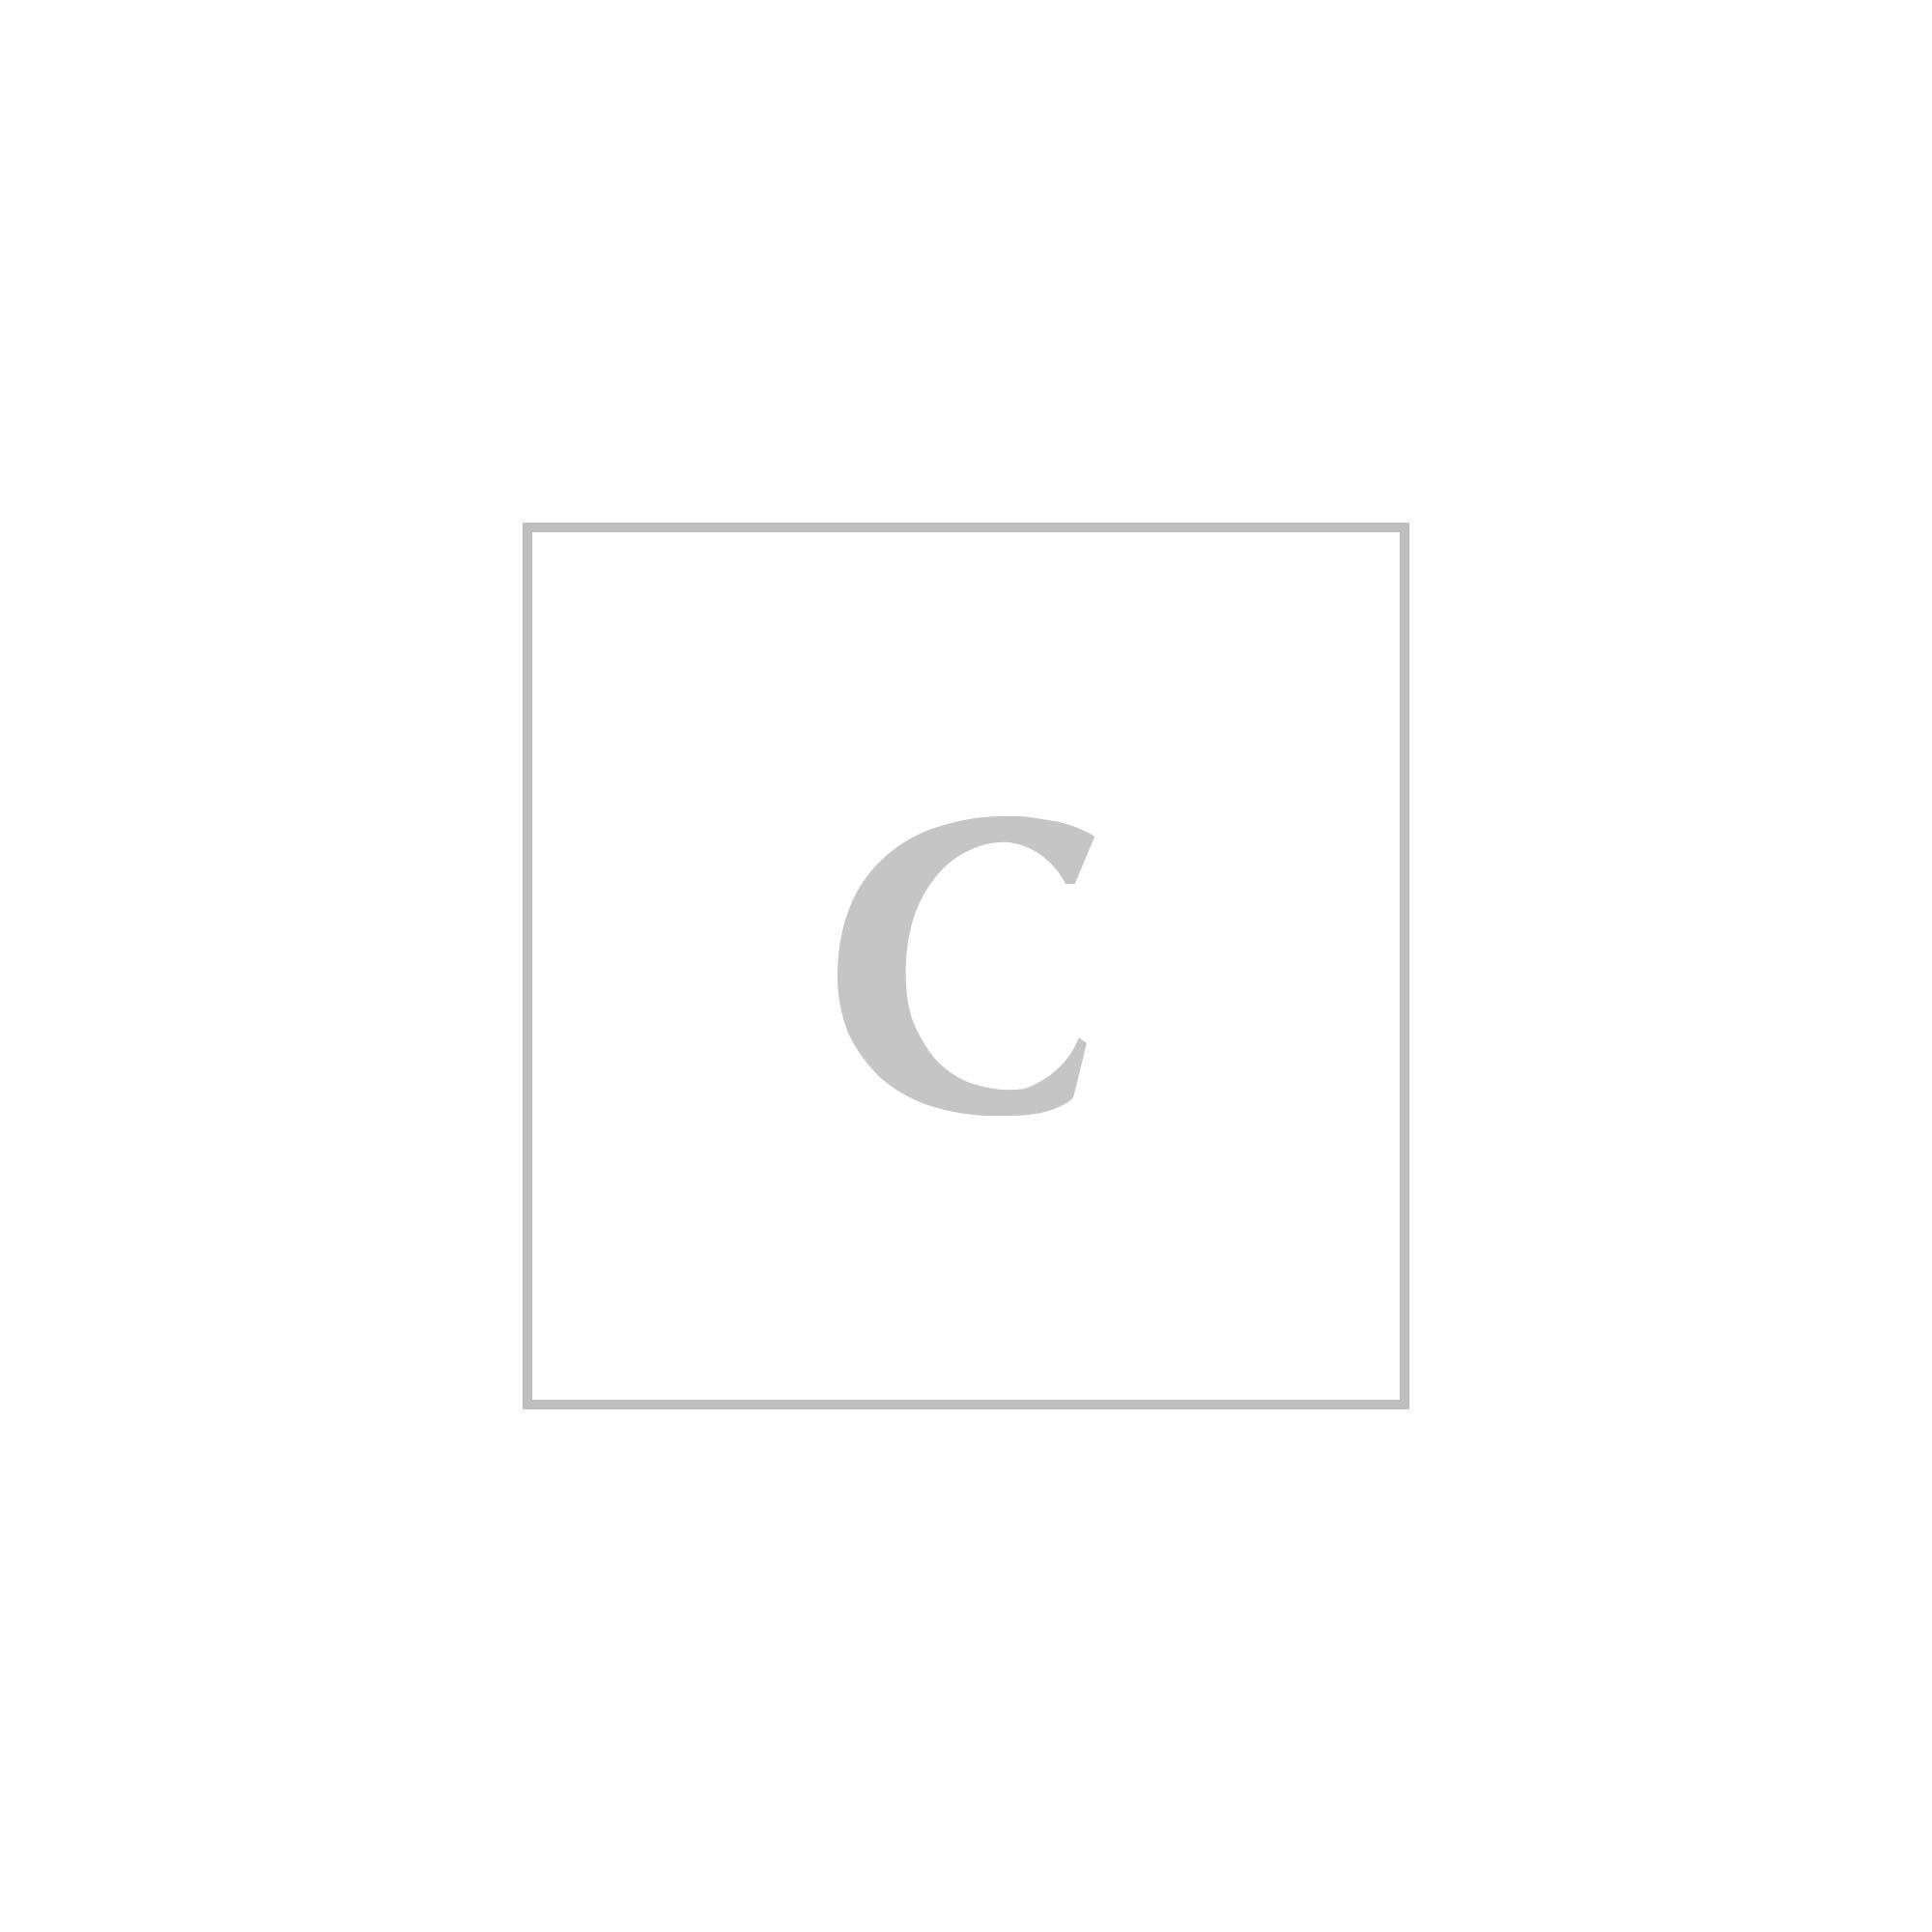 Salvatore ferragamo p.foglio stitch 669780 001 nappa plongo sp.0,7